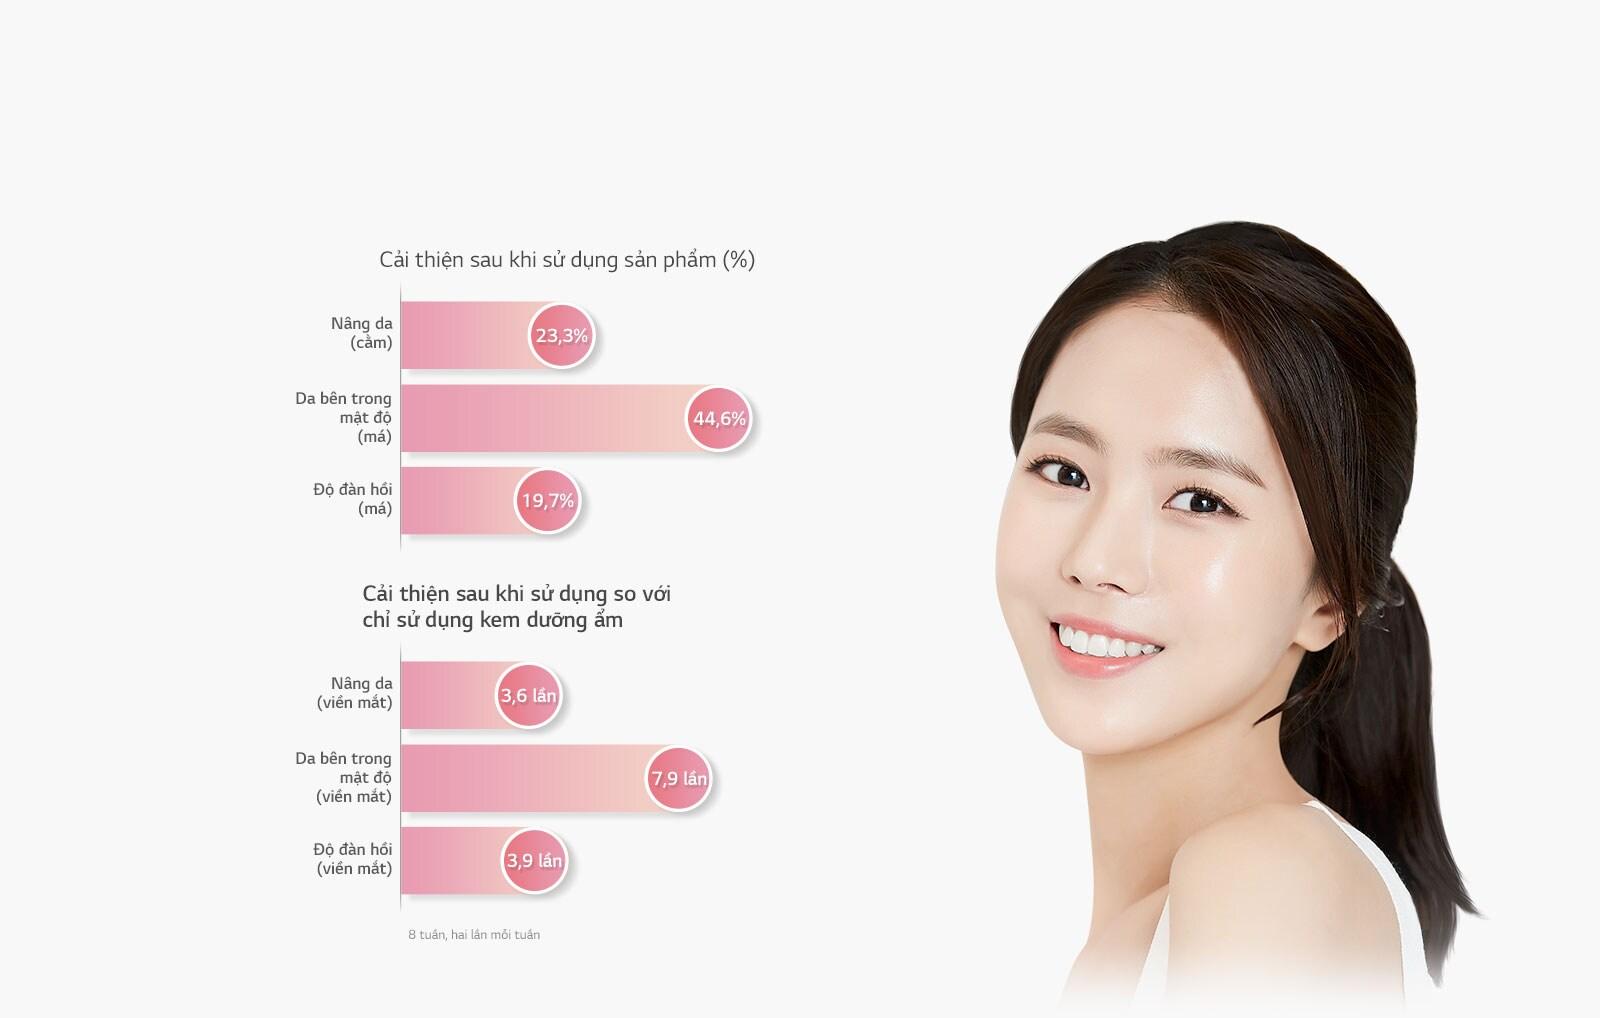 Hình ảnh khuôn mặt của một người phụ nữ bên cạnh biểu đồ thể hiện sự cải thiện sau khi sử dụng sản phẩm.